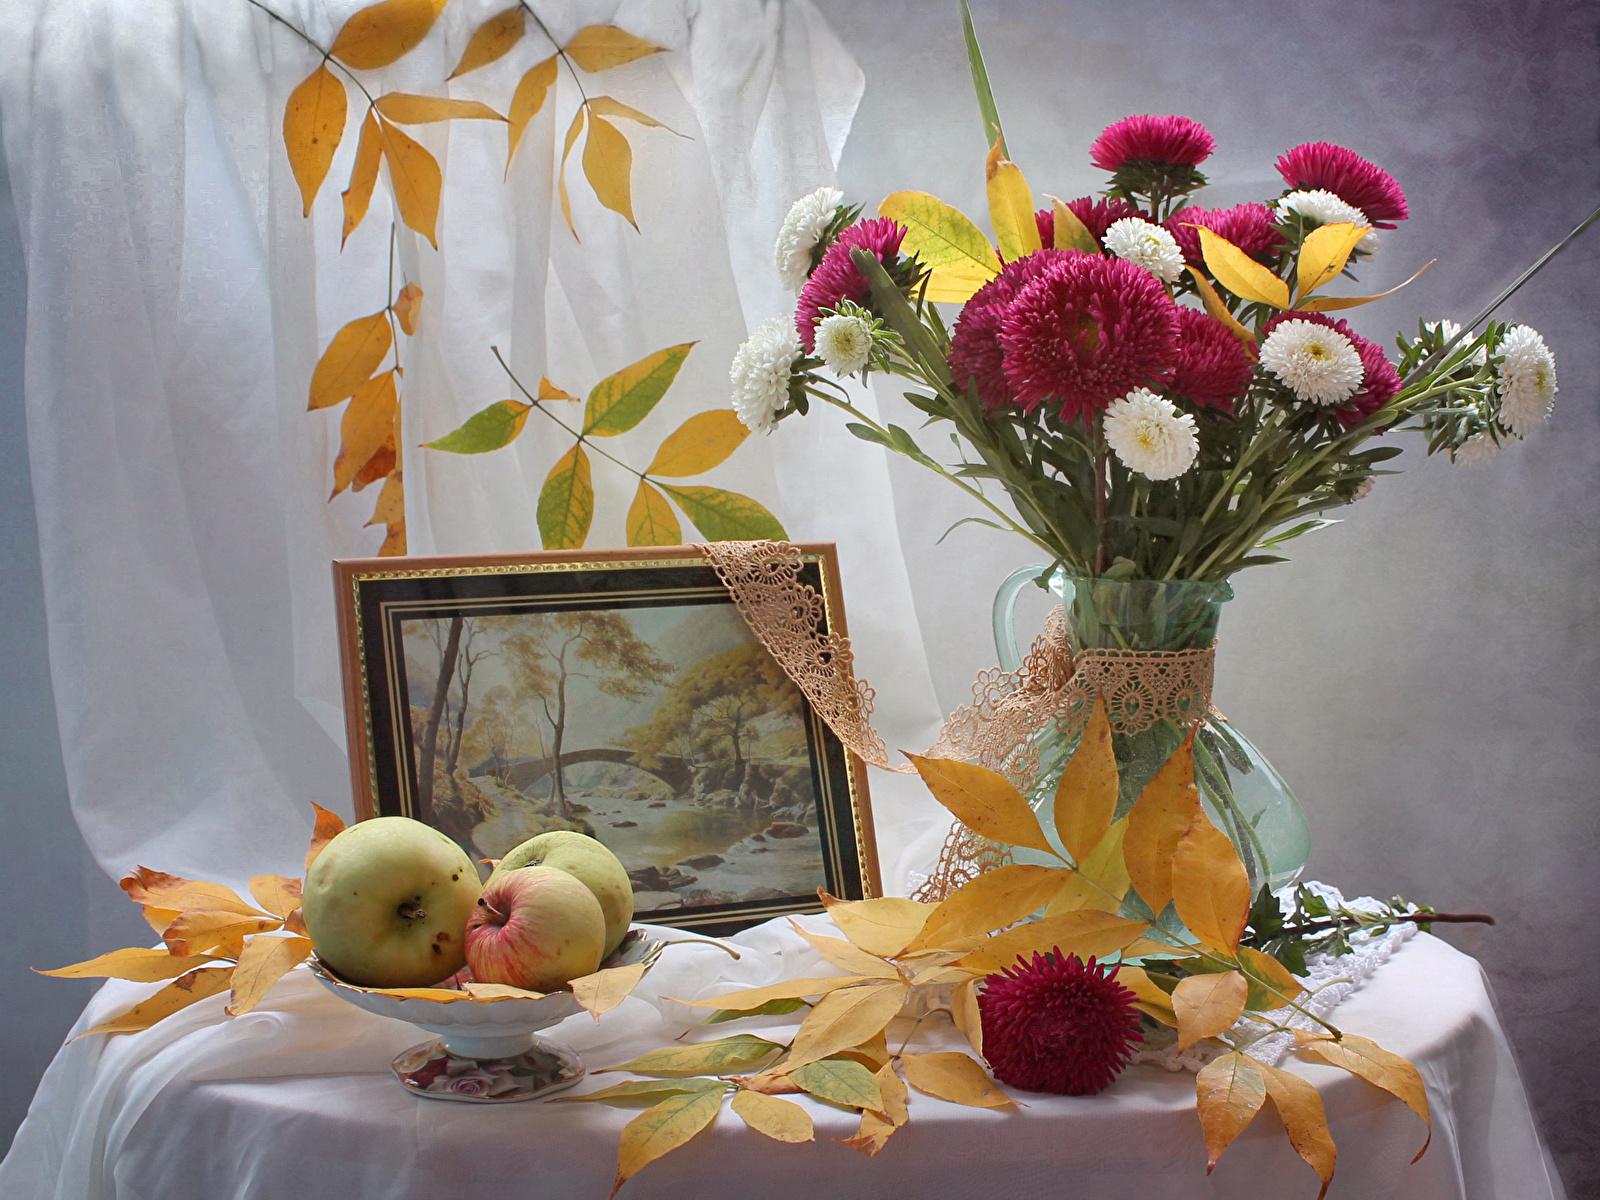 Fonds D Ecran 1600x1200 Bouquets Asters Nature Morte Automne